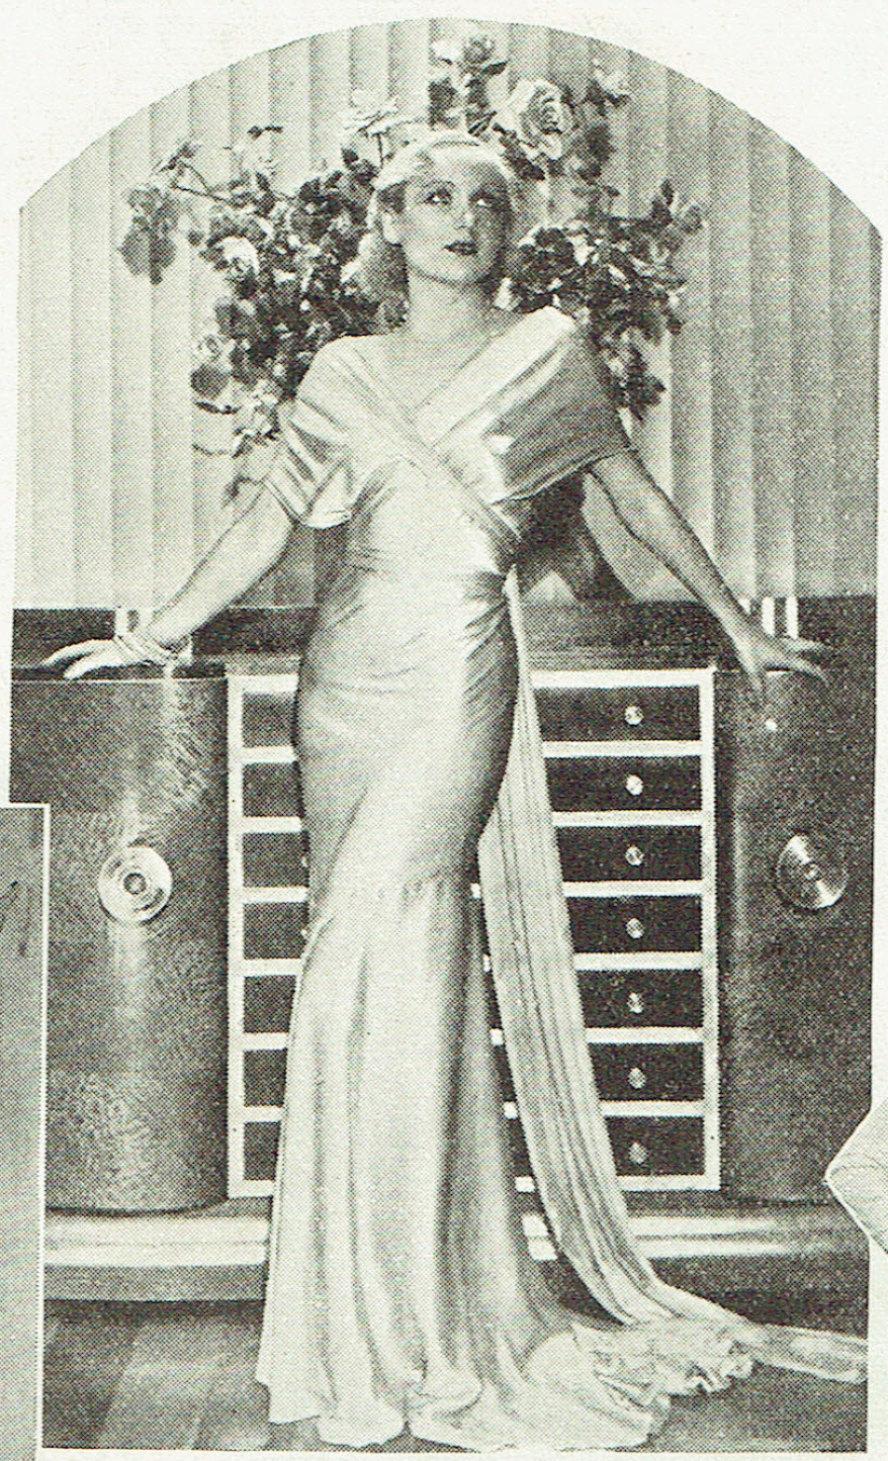 carole lombard publix theatre screen review april 1932qb